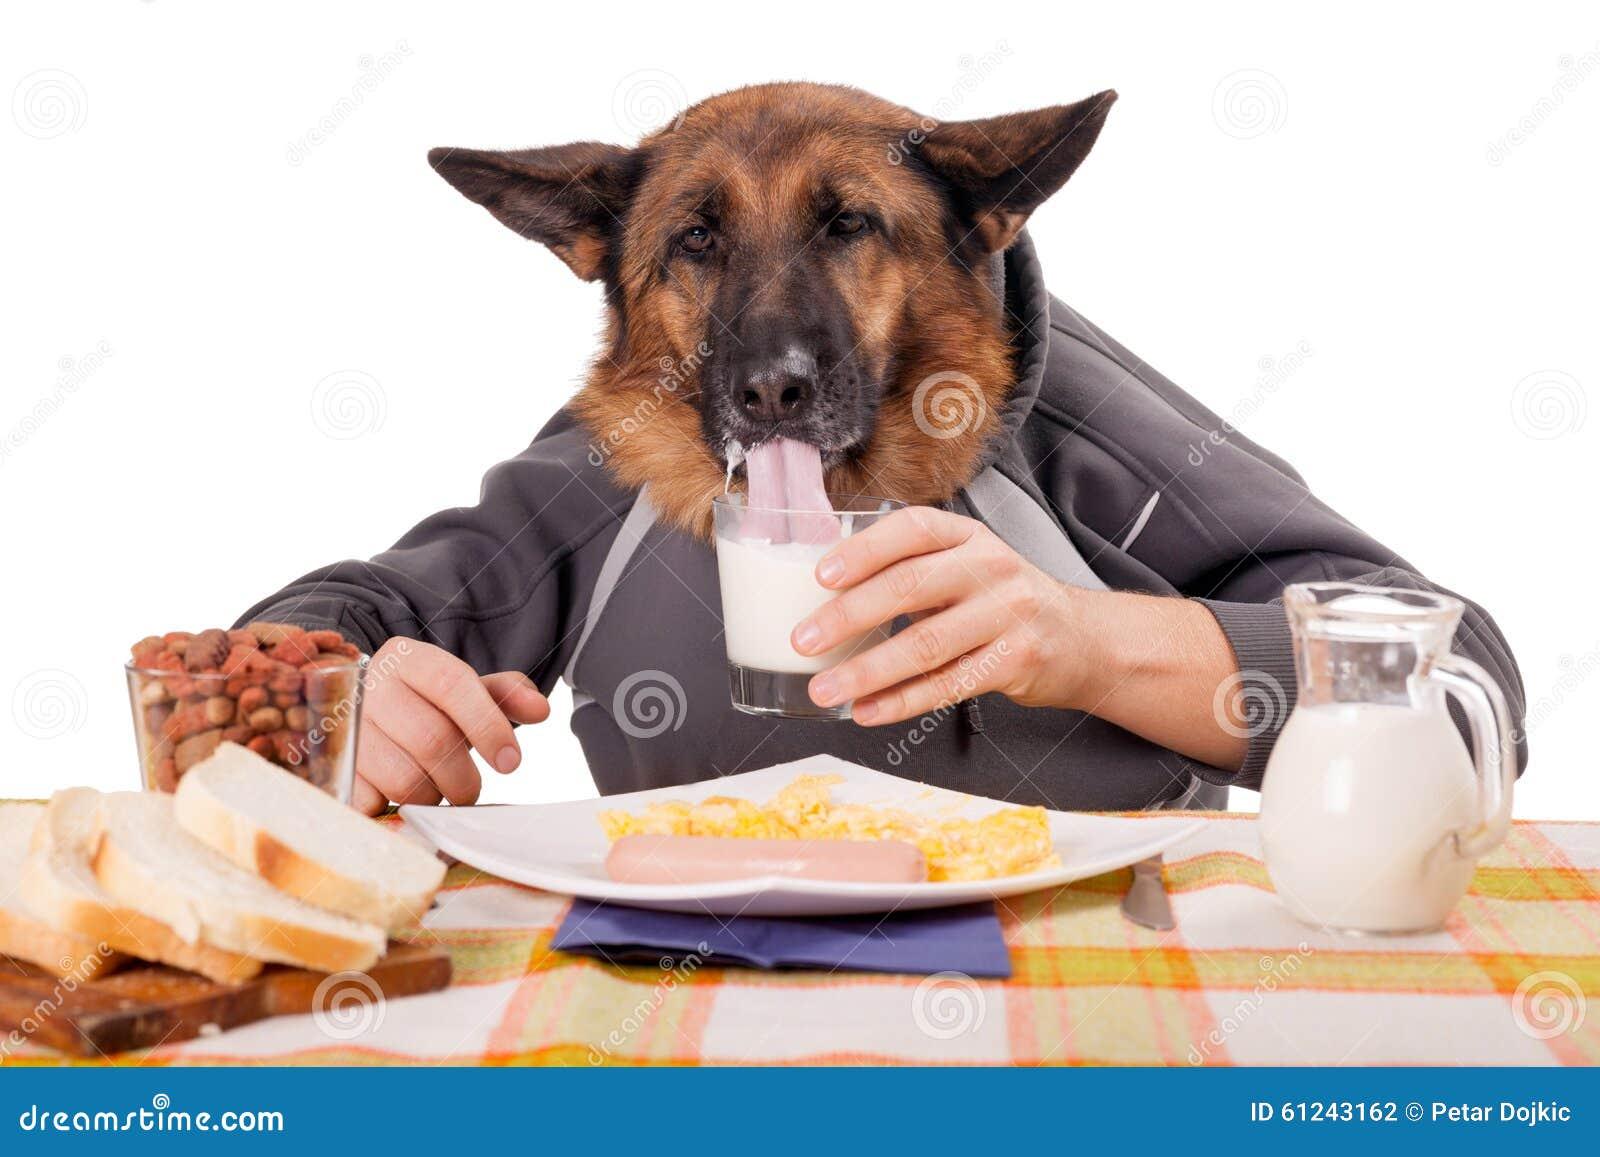 Perro de pastor alemán divertido con los brazos y las manos humanos, MI de consumición